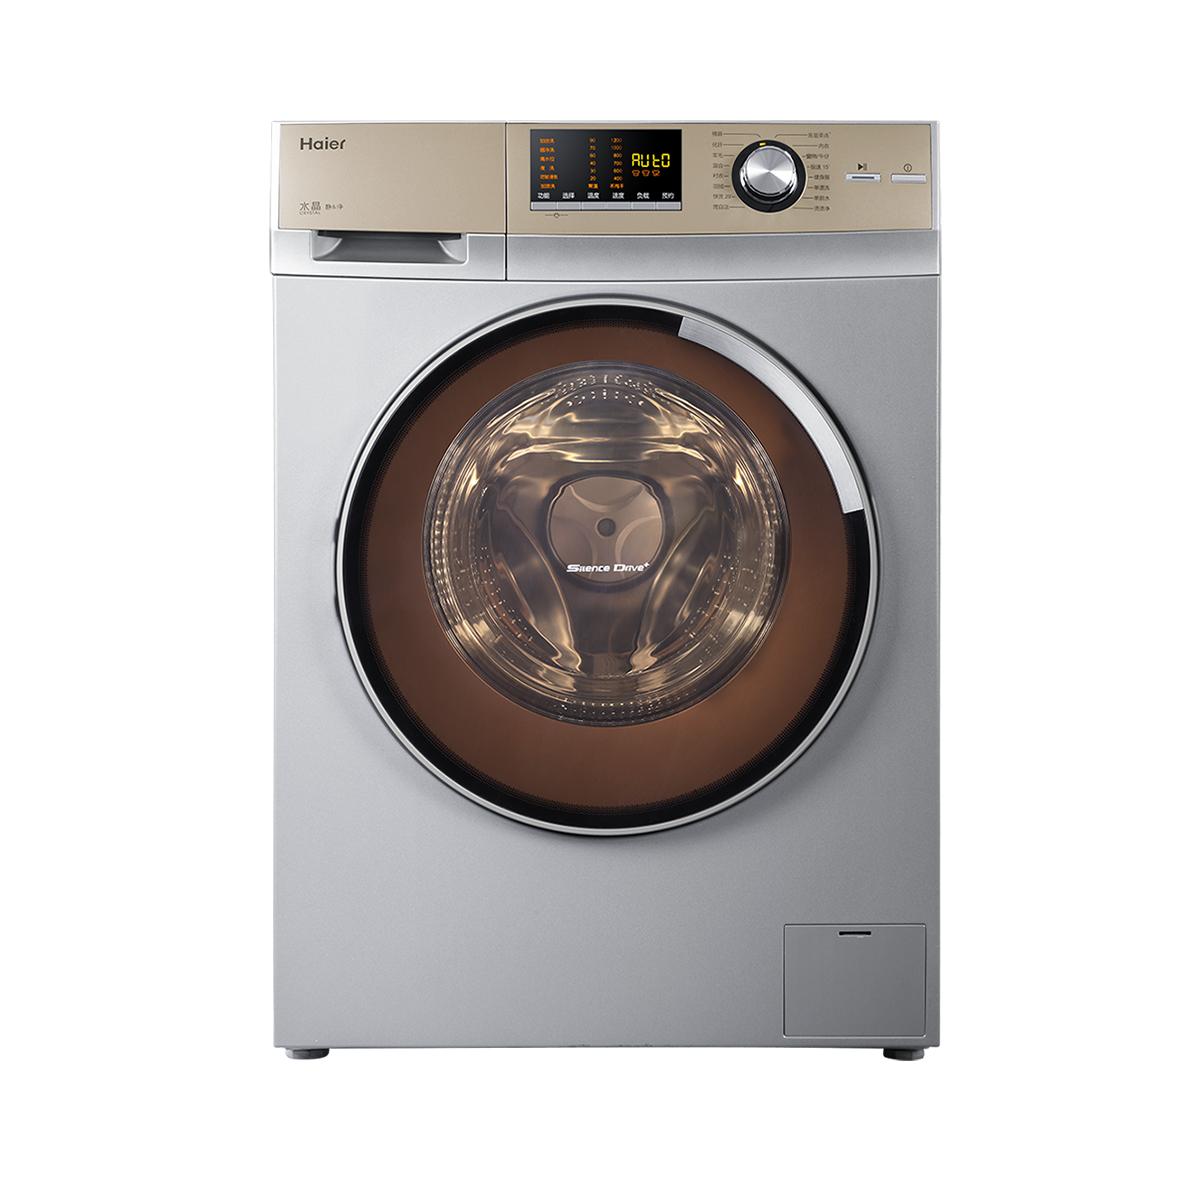 海尔Haier洗衣机 XQG70-B1226AG 说明书